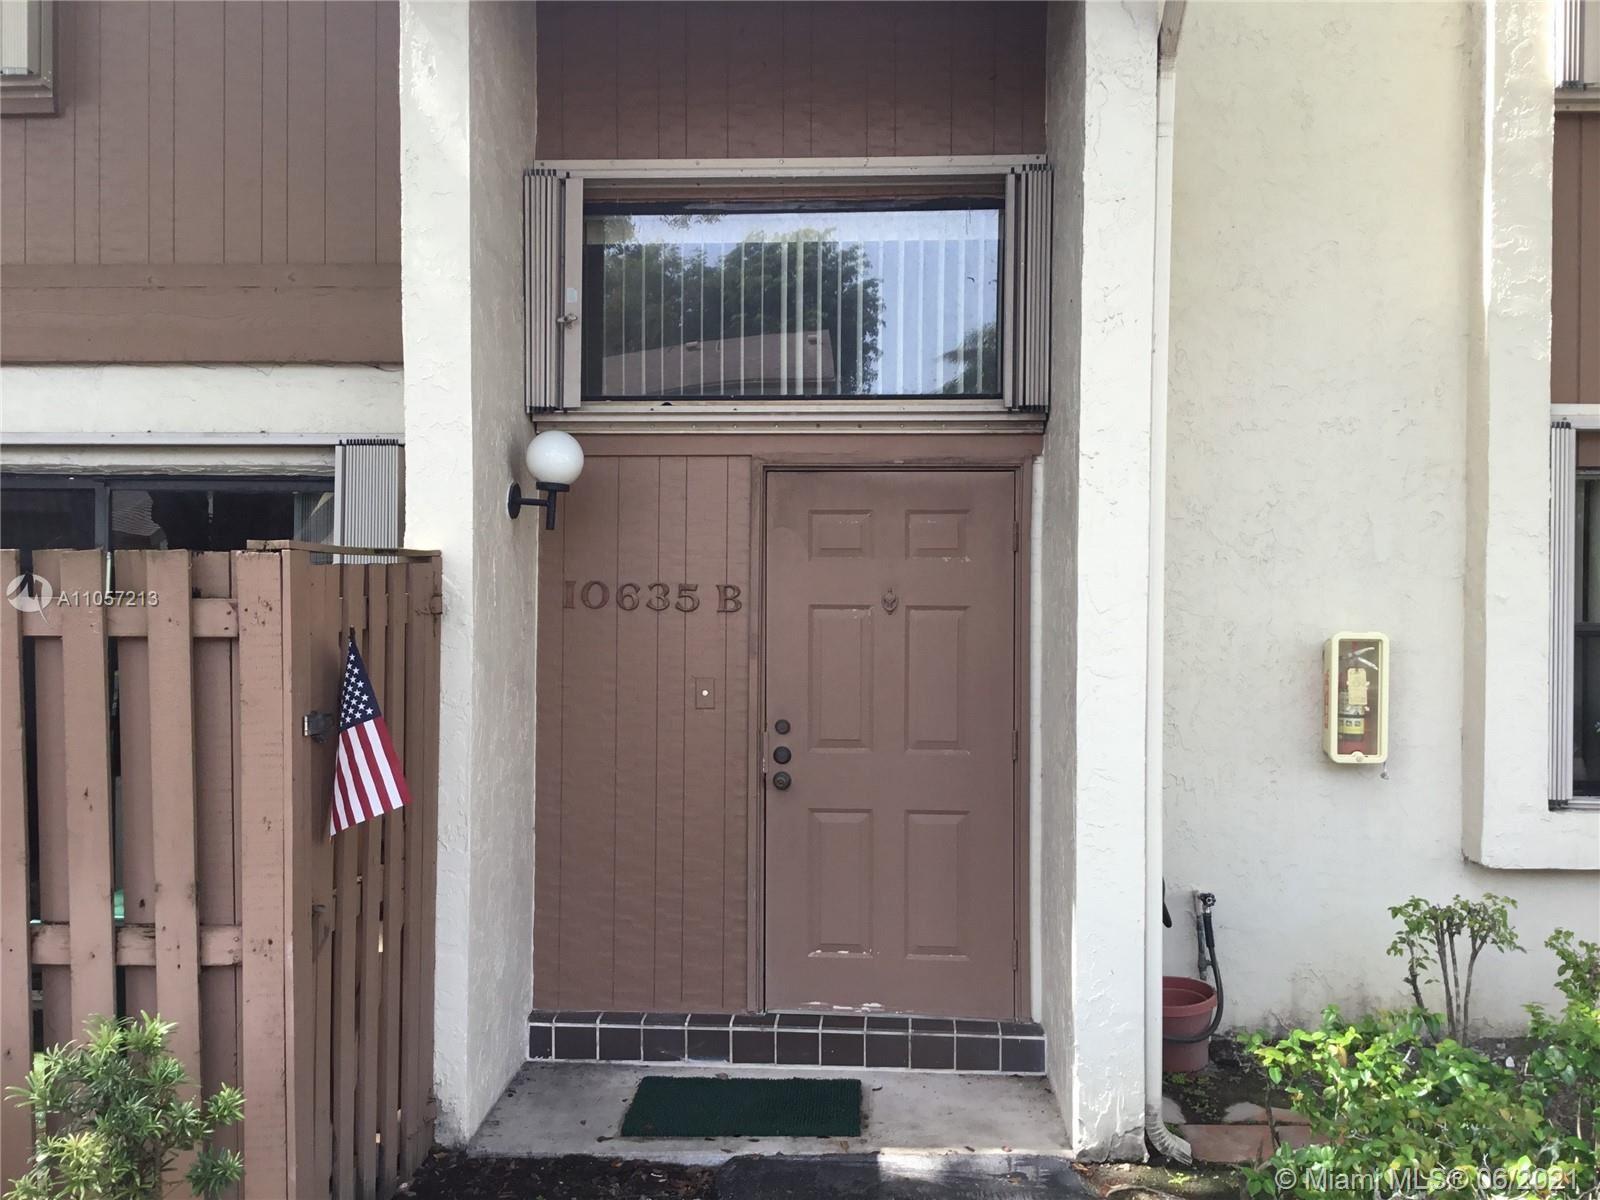 10635 SW 113th Pl #77B, Miami, FL 33176 - #: A11057213